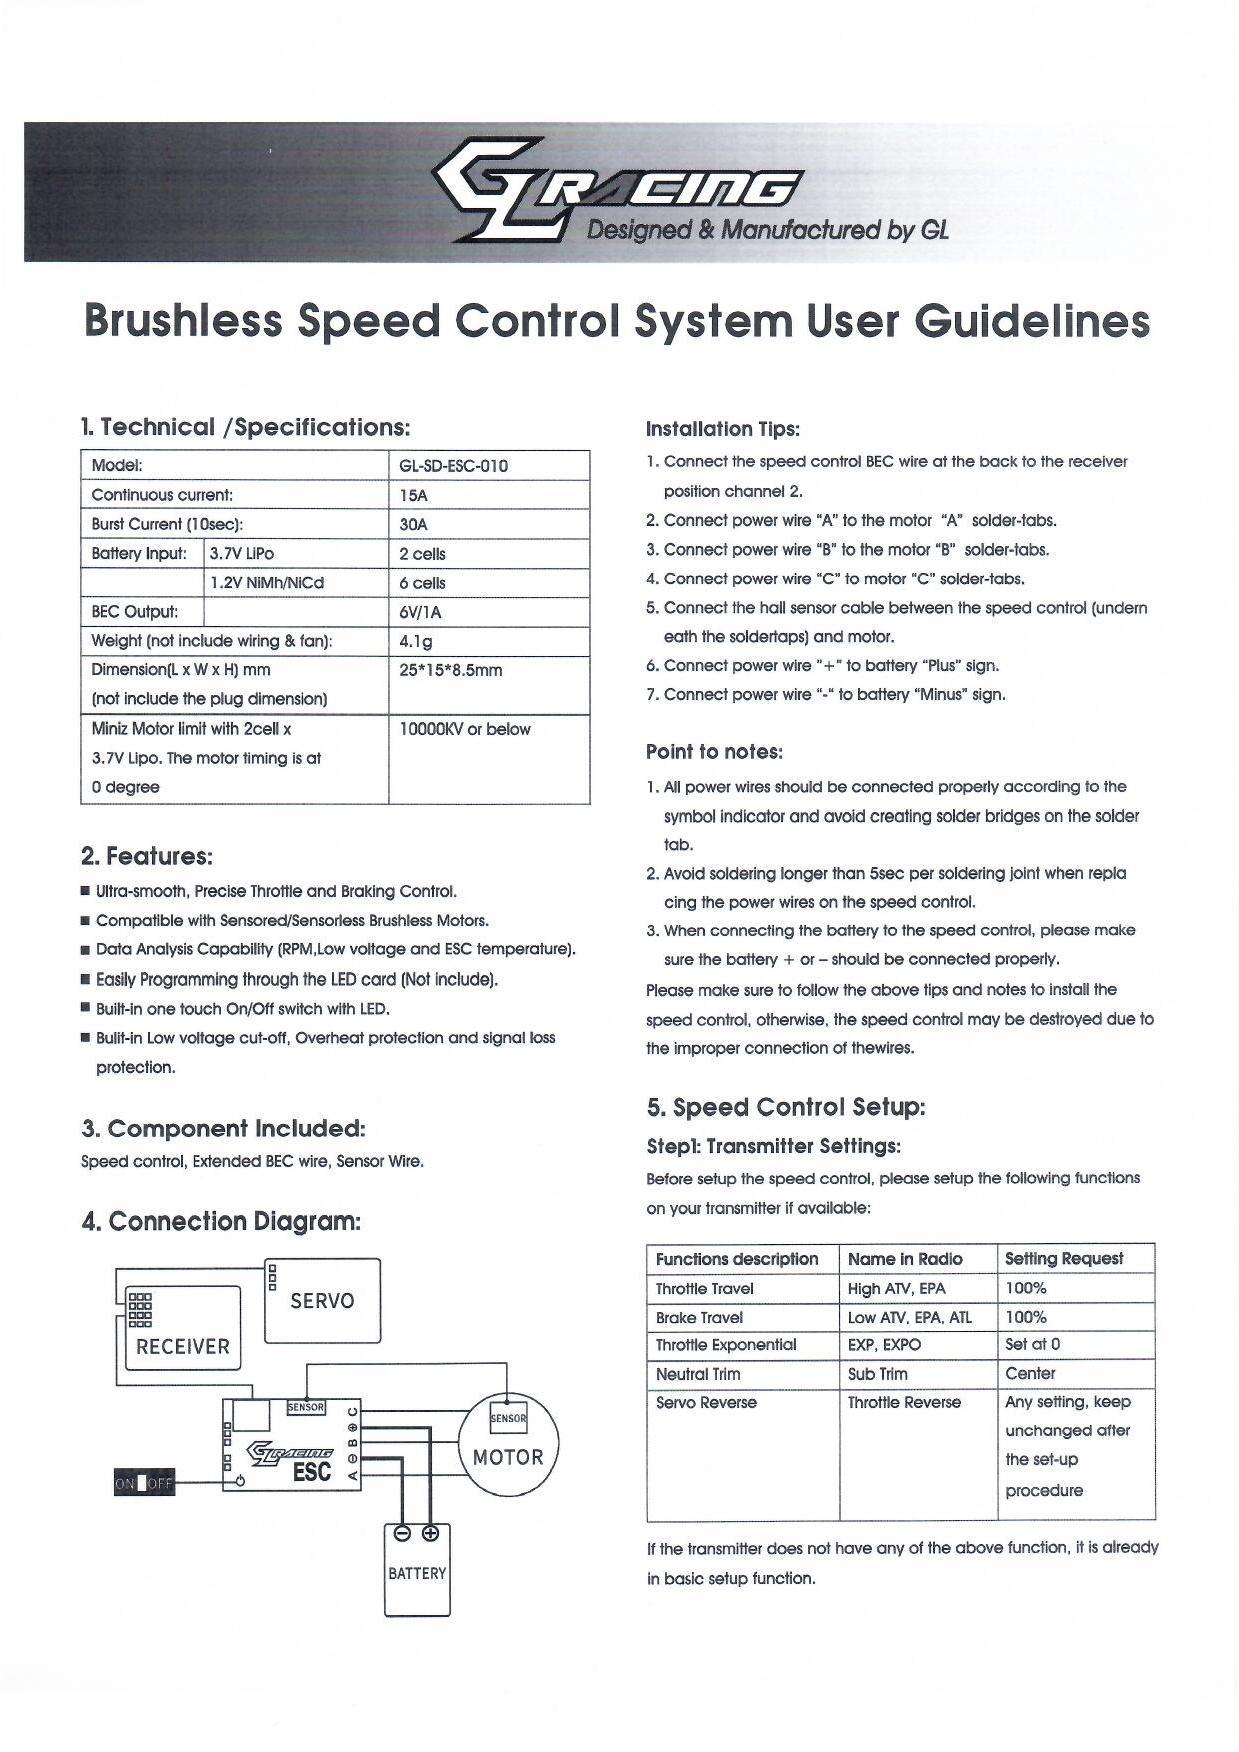 GL SD ESC 010 User Guideline 11